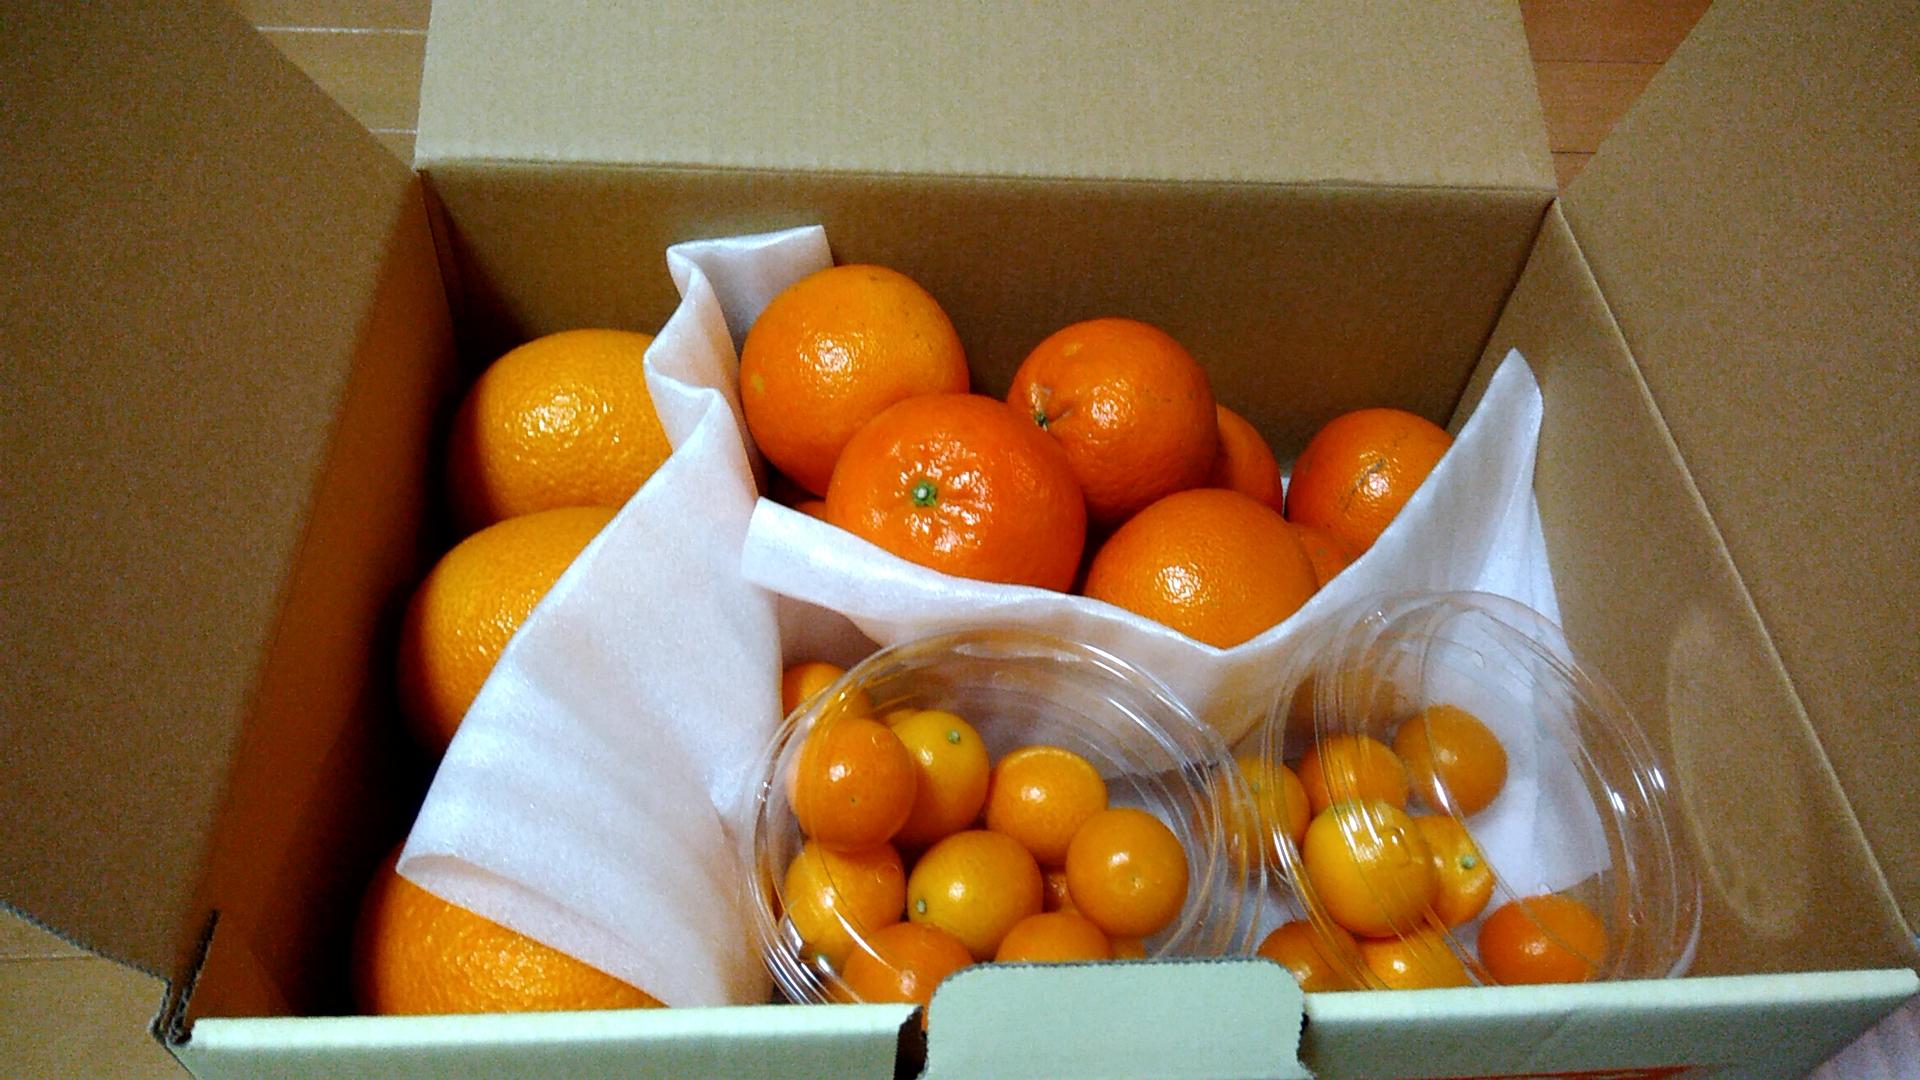 【ふるさと納税】南九州まんぞく定期便3回目は柑橘類詰め合わせ♪